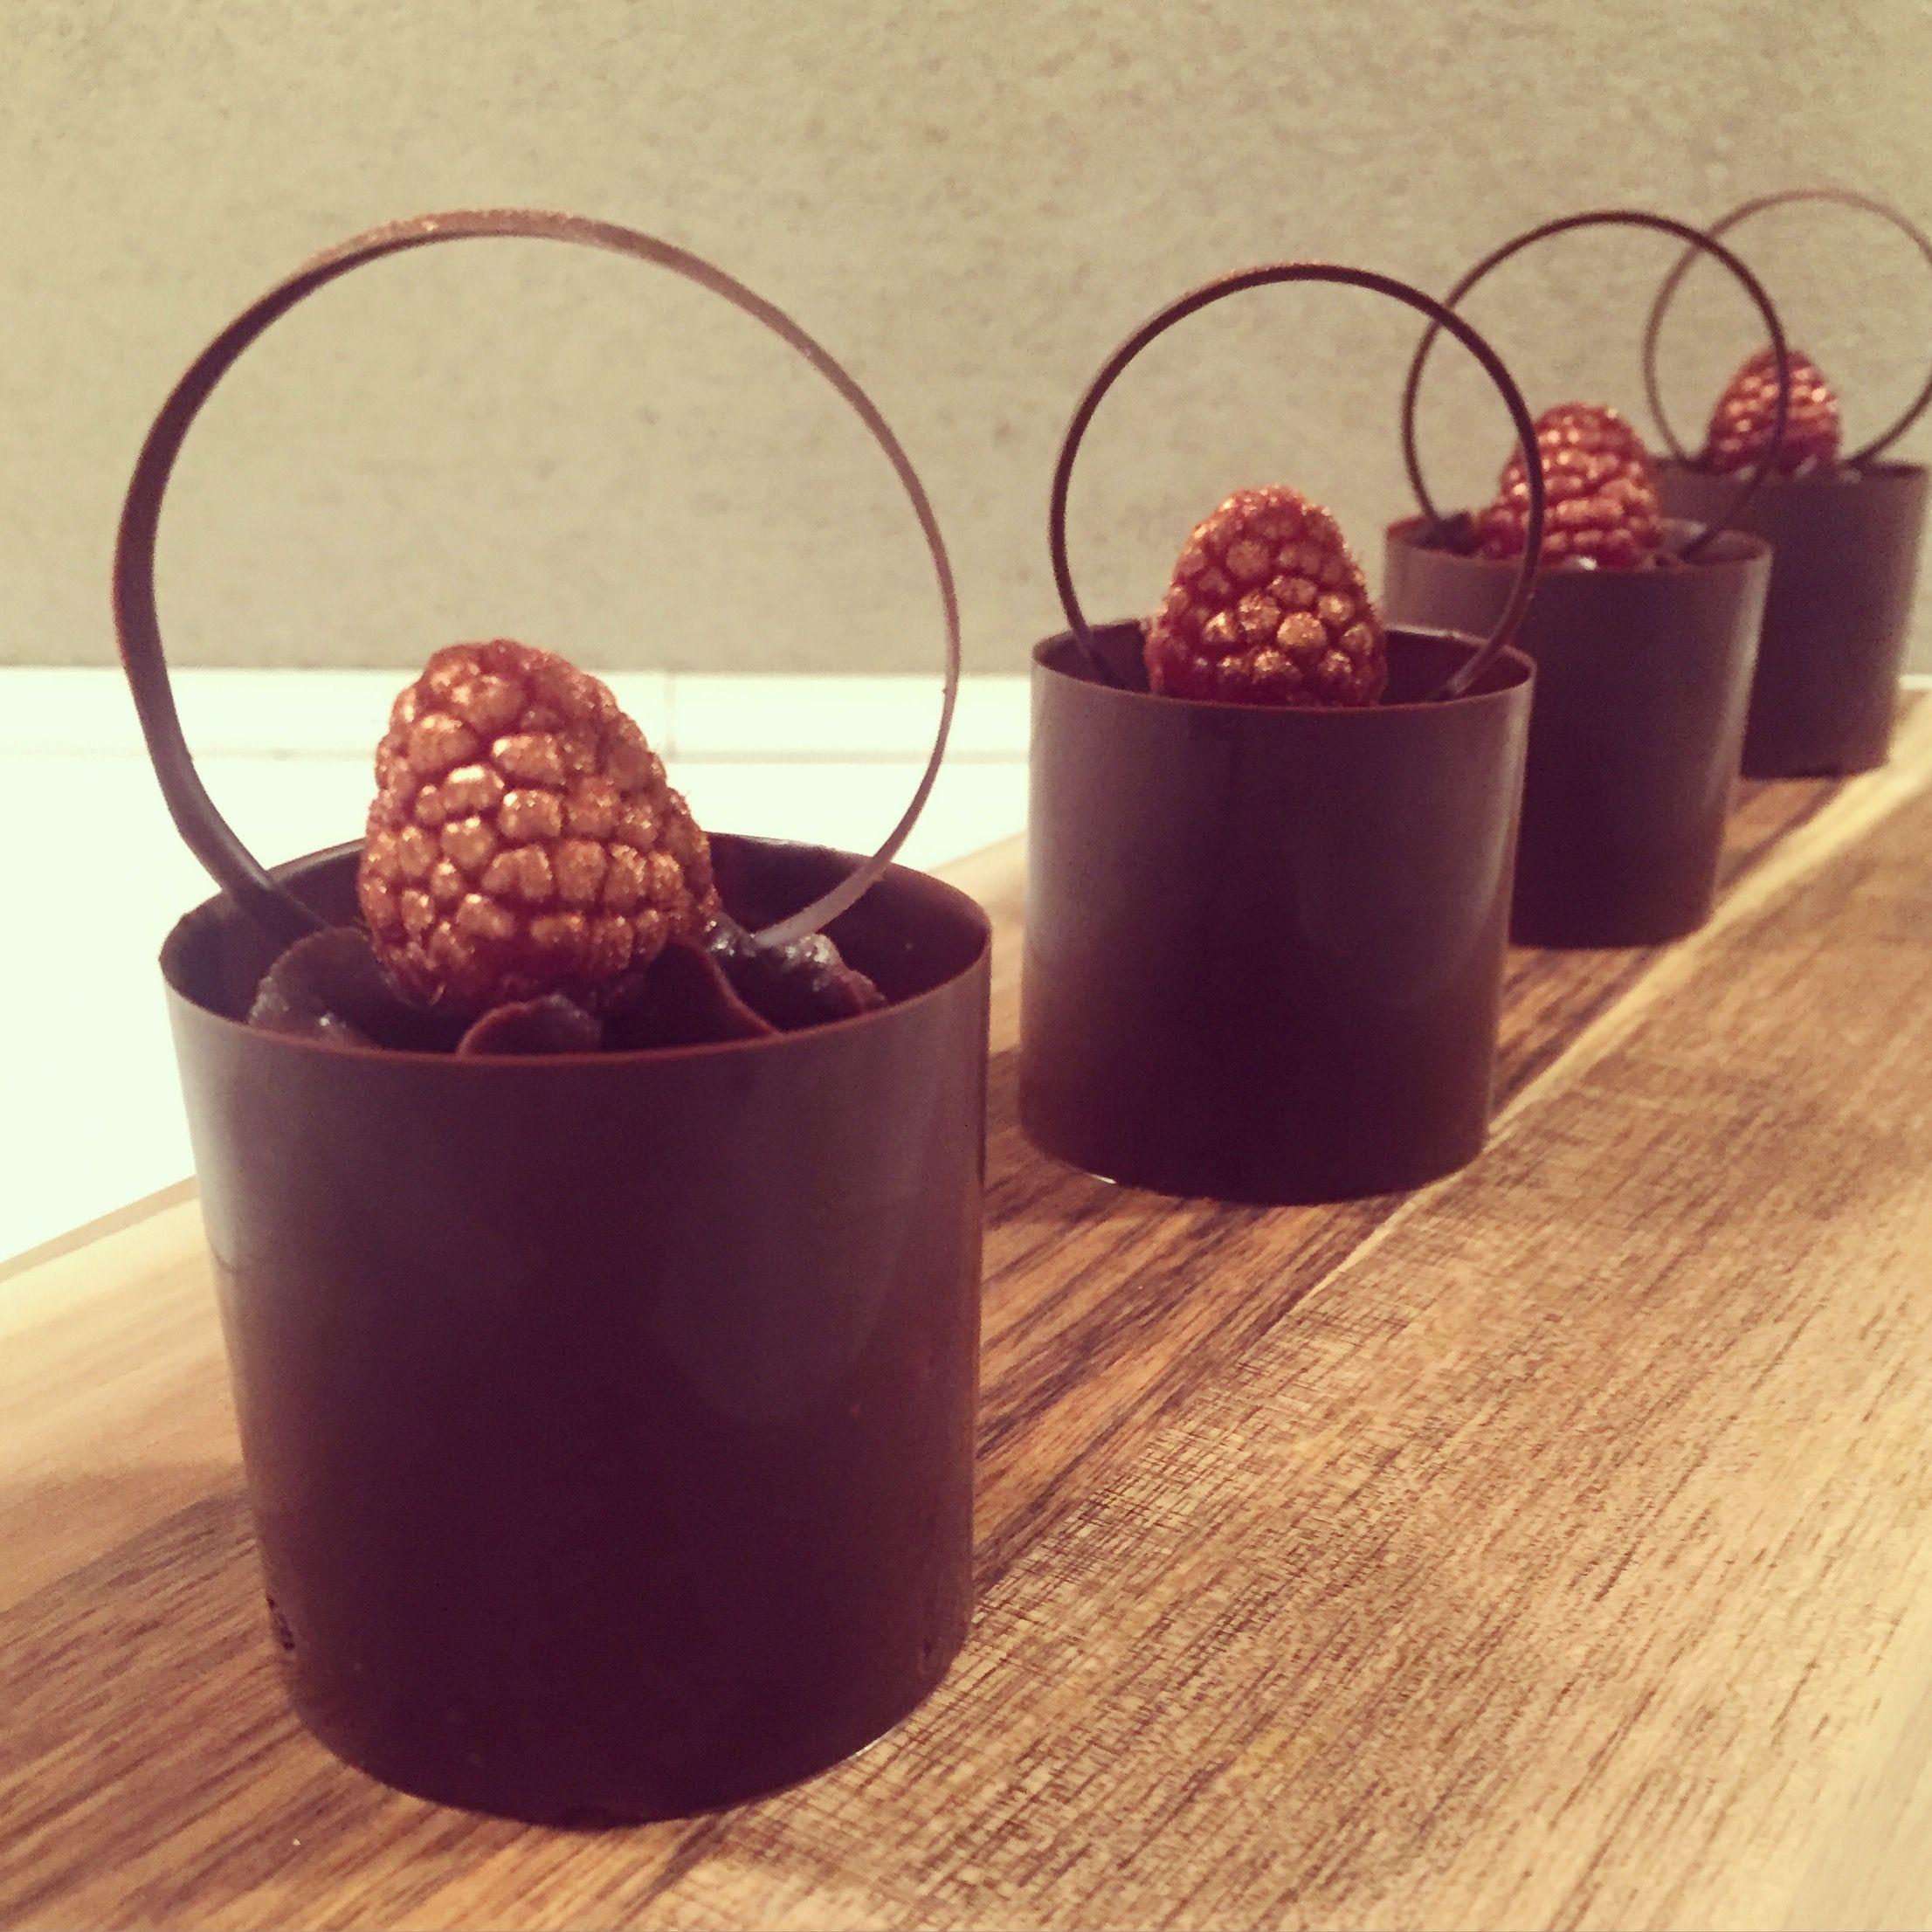 Chokolade_dessert_Ditte4